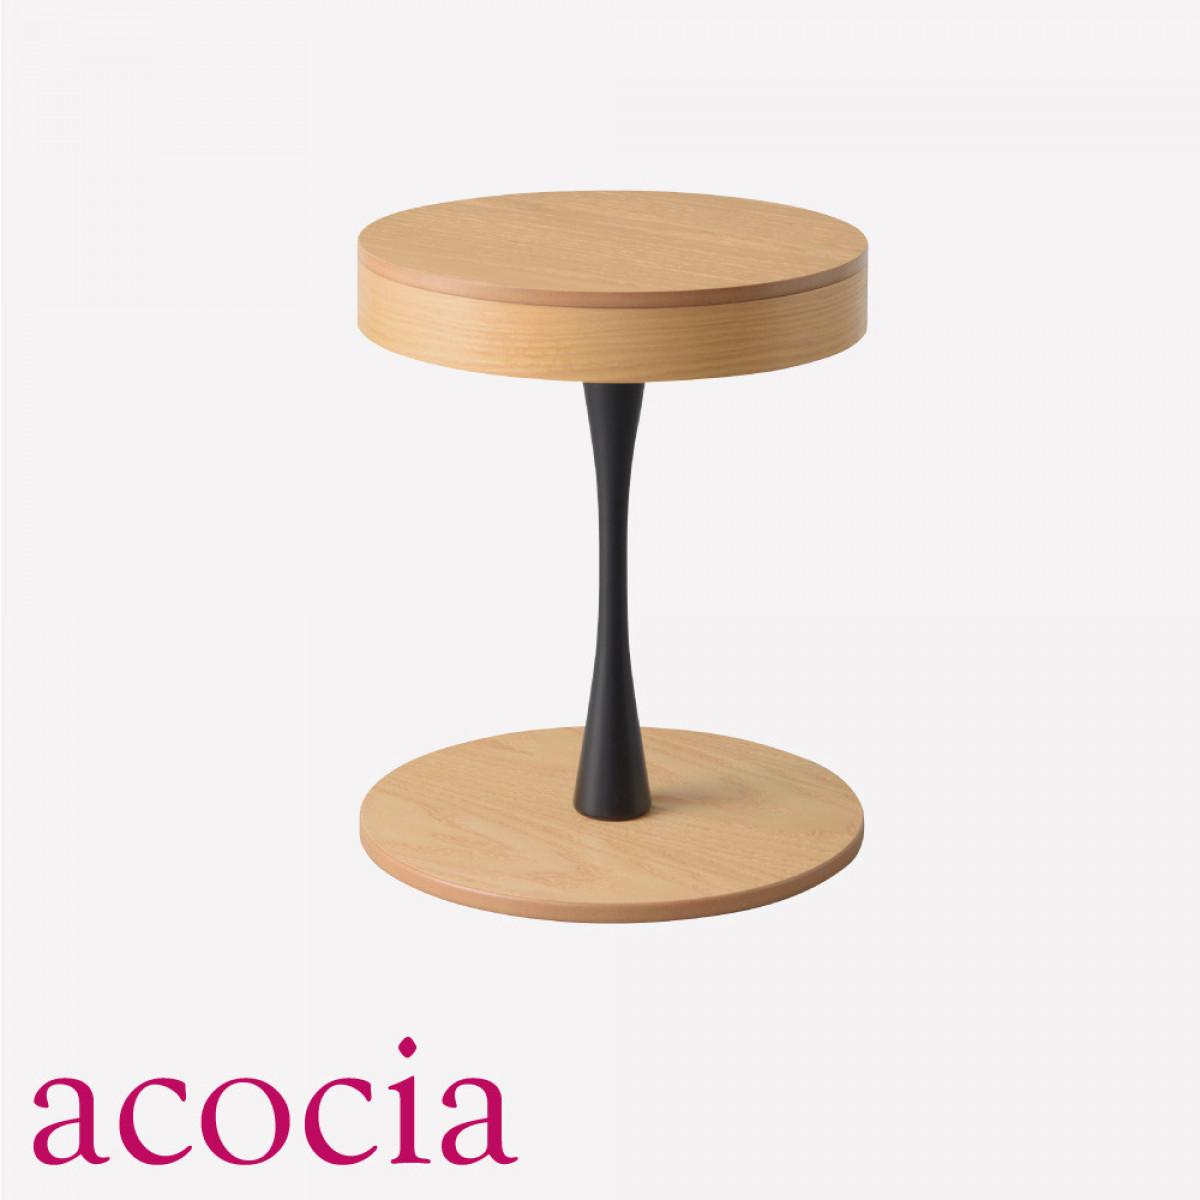 おしゃれ 【本革 高級ソファー セール】 【ダイニングチェア セール】 【ベランダ アウトドア】 テーブル サイドテーブル 木製 W40×D40×H49 サイドテーブル cafe カフェ サロン